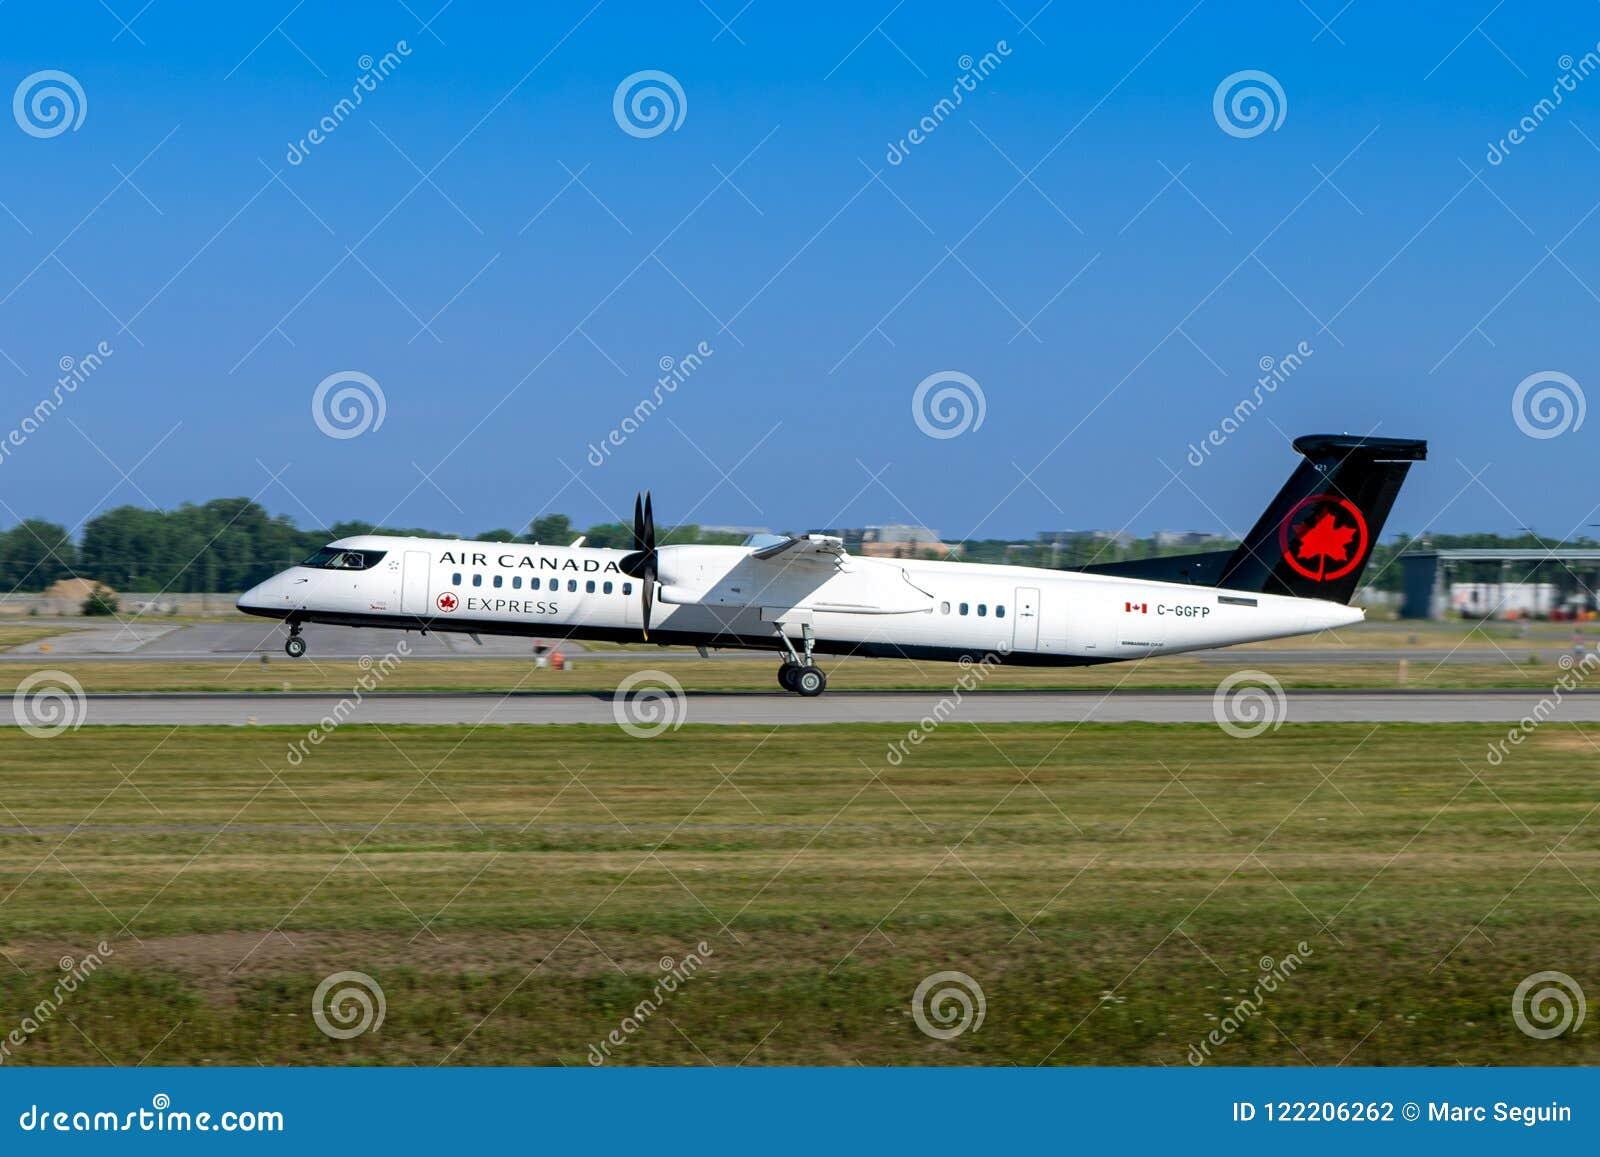 Montreal, Quebec, Canada - Juli 20, 2018: Een Bombardier Streepje 8 Q400 van Uitdrukkelijk Air Canada, door Jazz Aviation LP in w